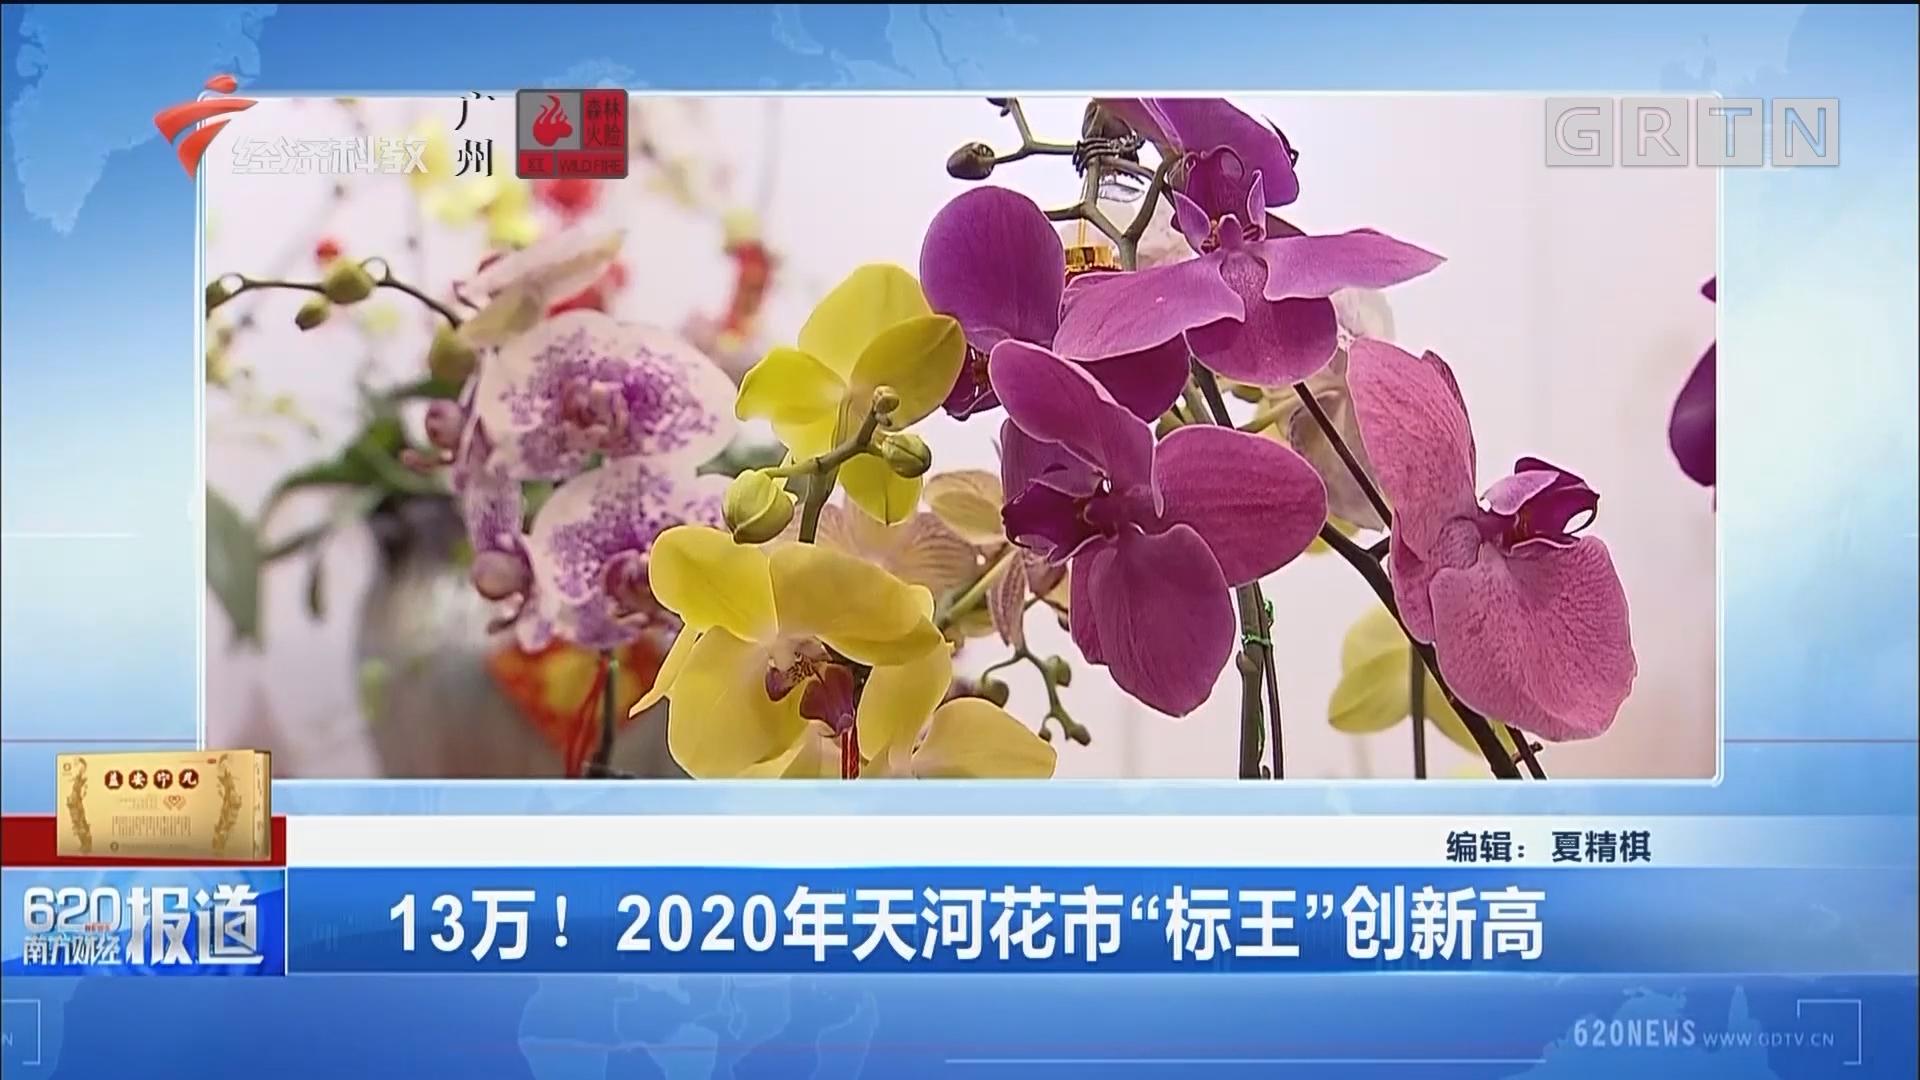 """13萬!2020年天河花市""""標王""""創新高"""